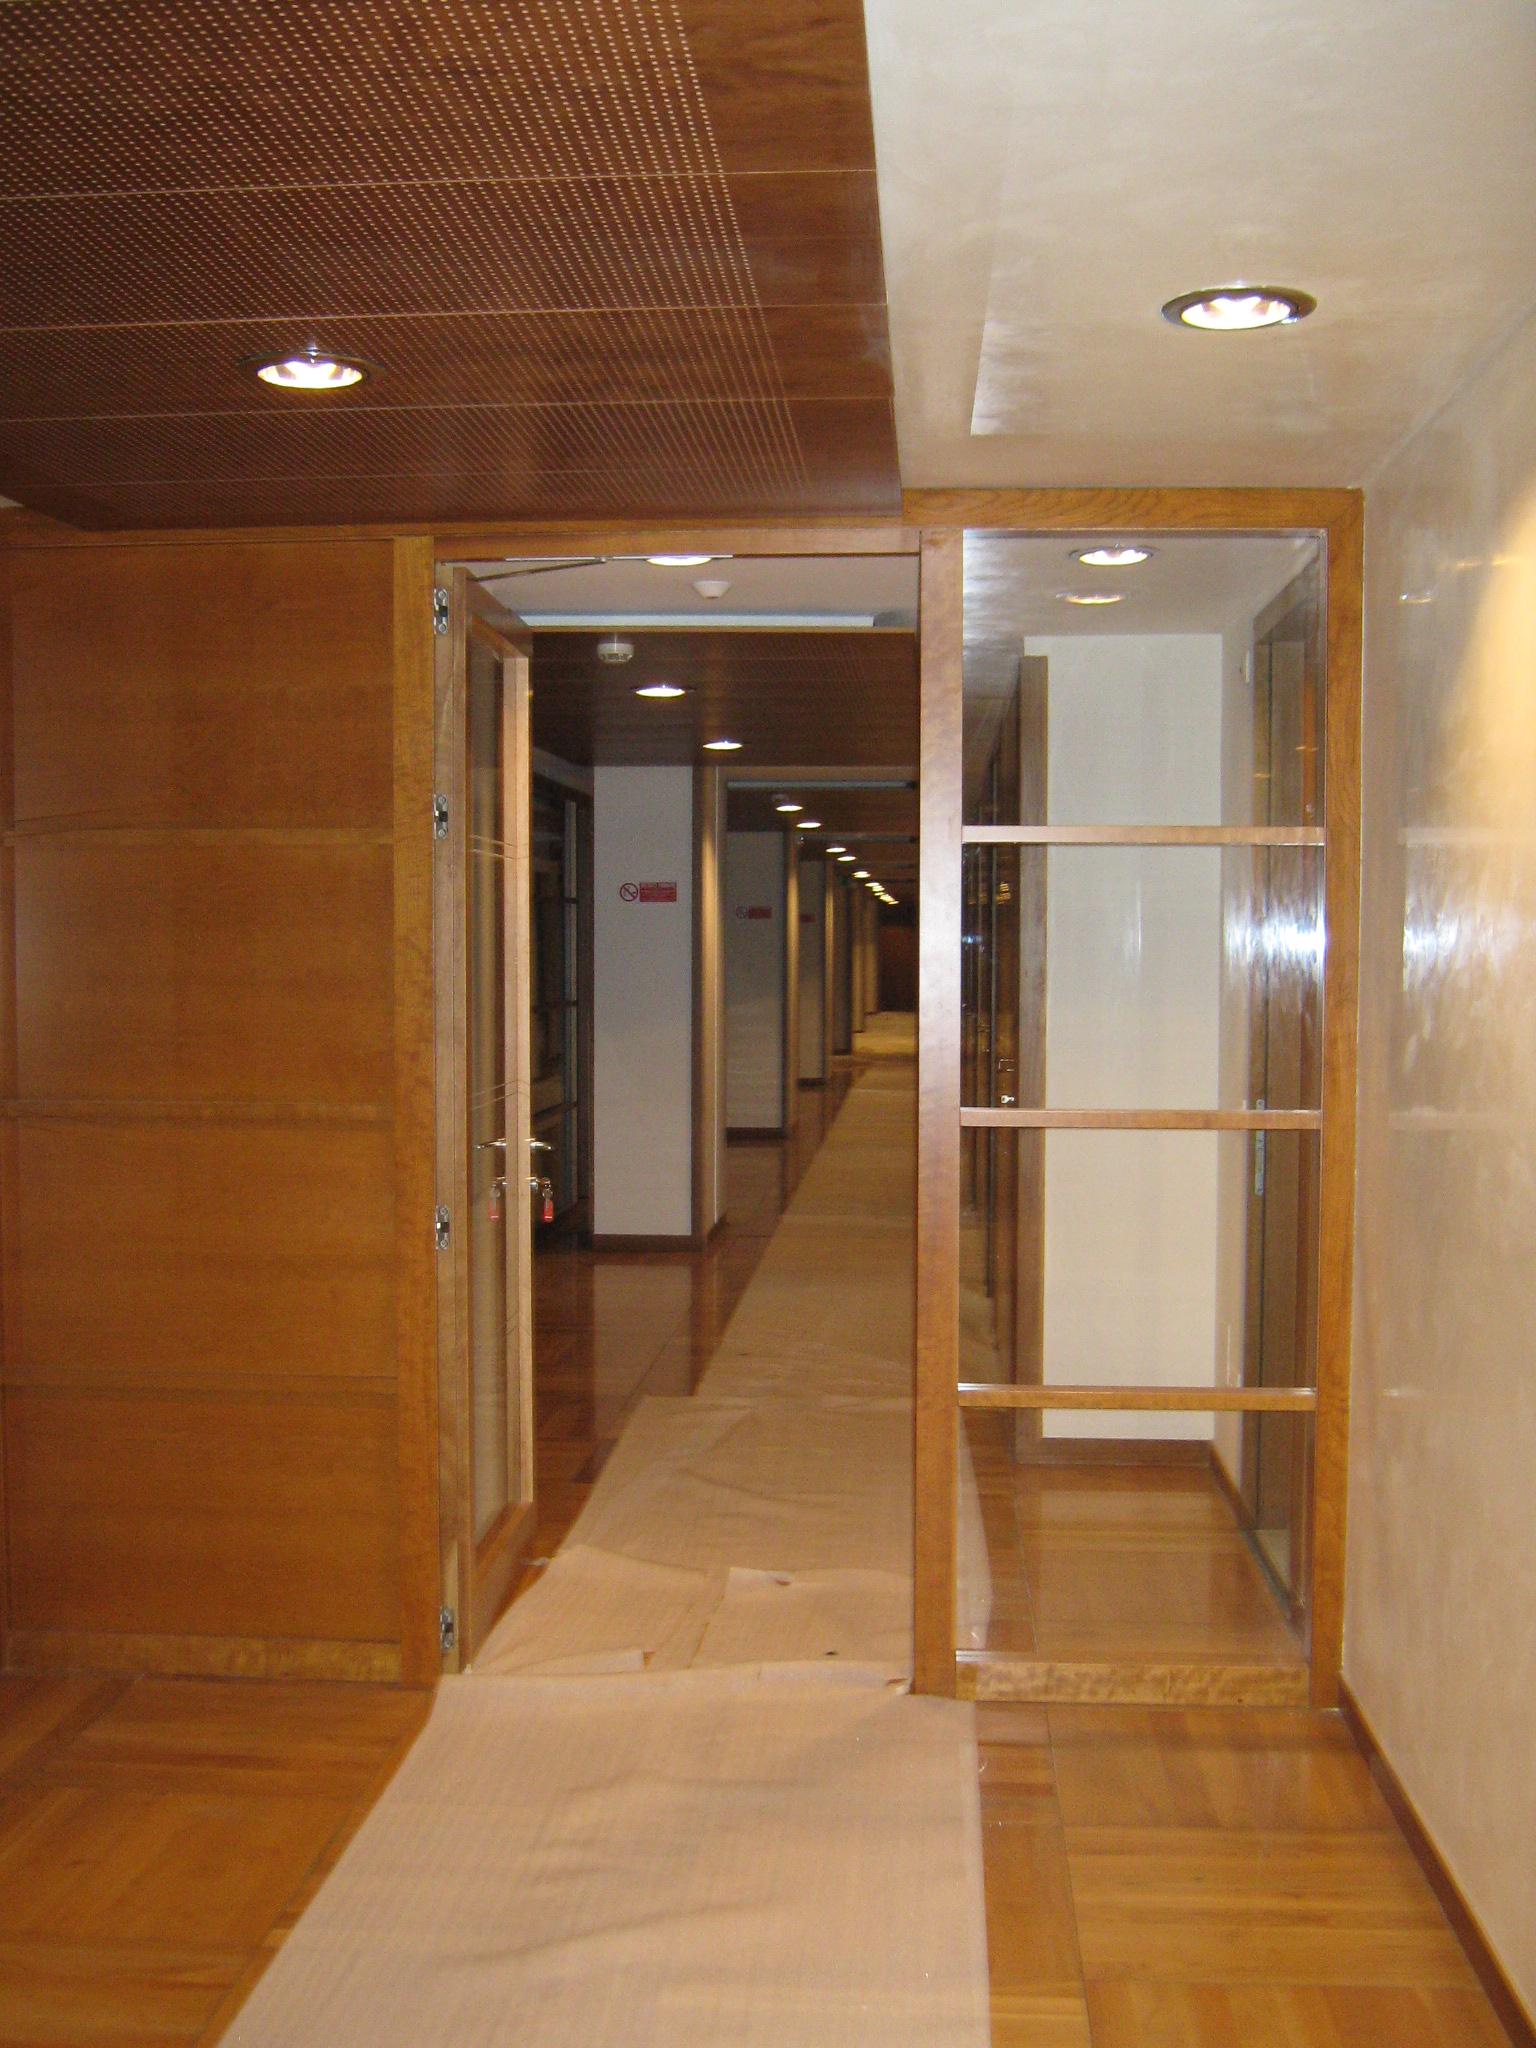 14. Opere di tinteggiatura su pareti di corridoio: lavori in corso.